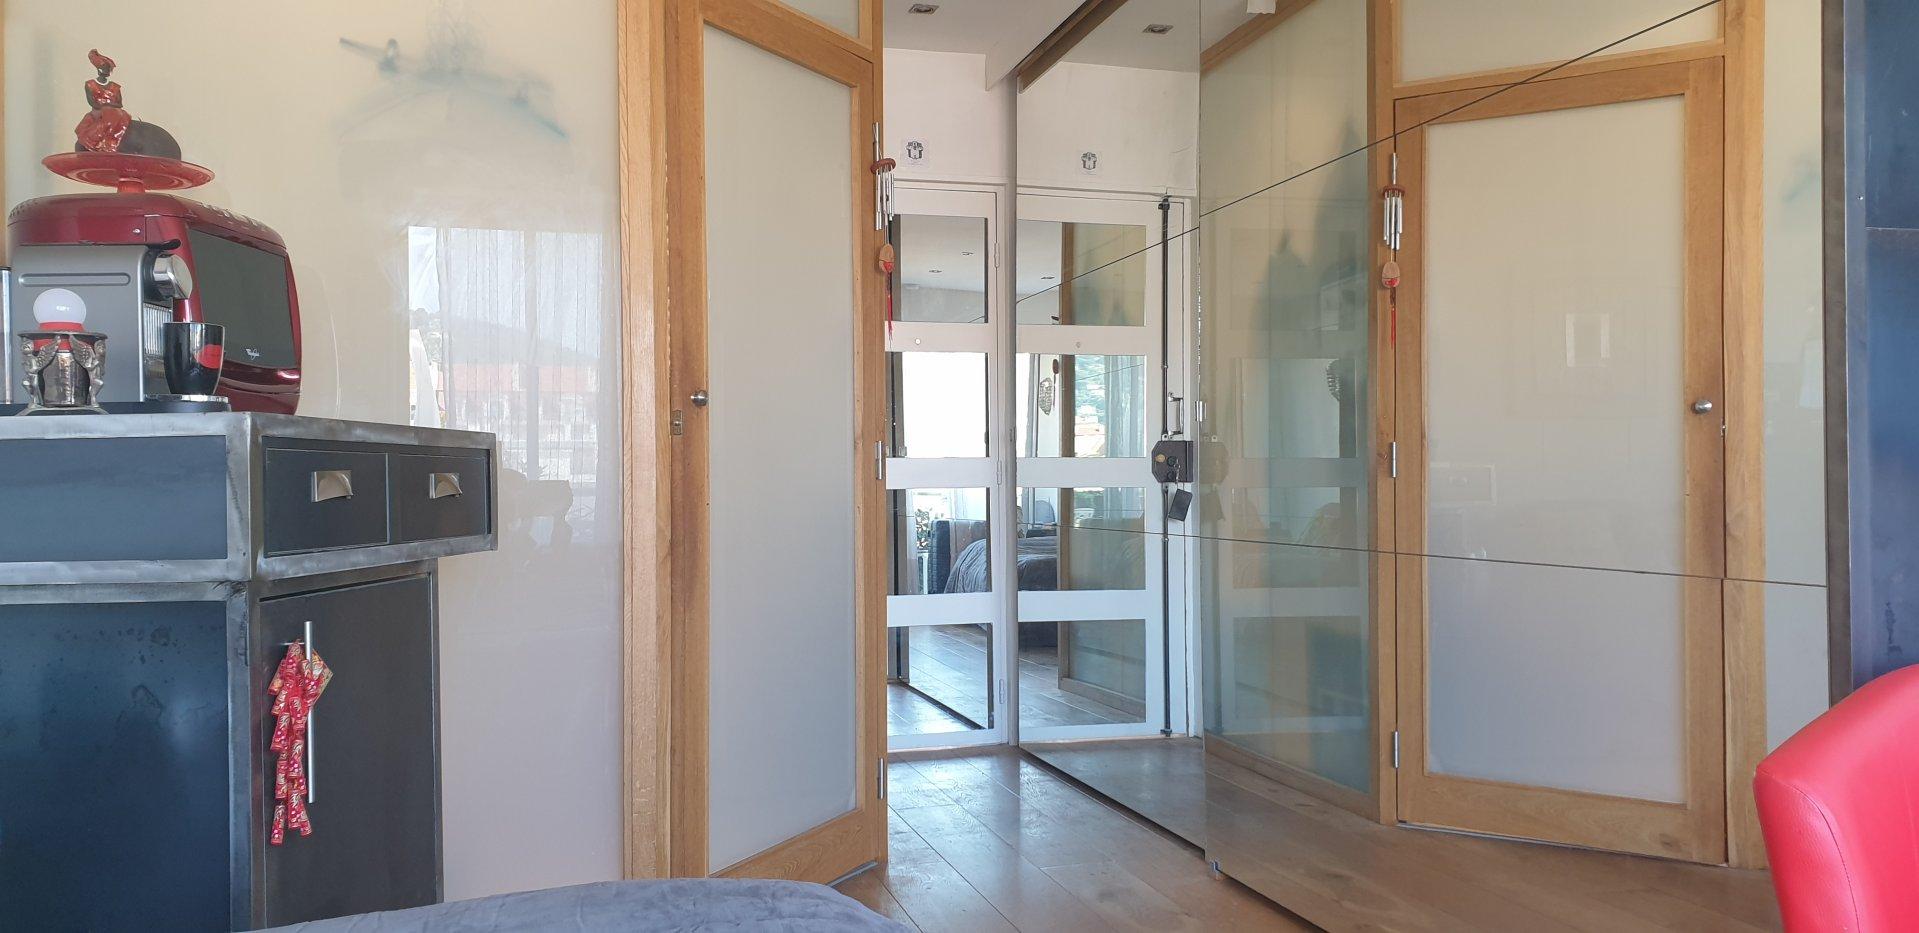 Location Studio centre Cannes secteur Martinez